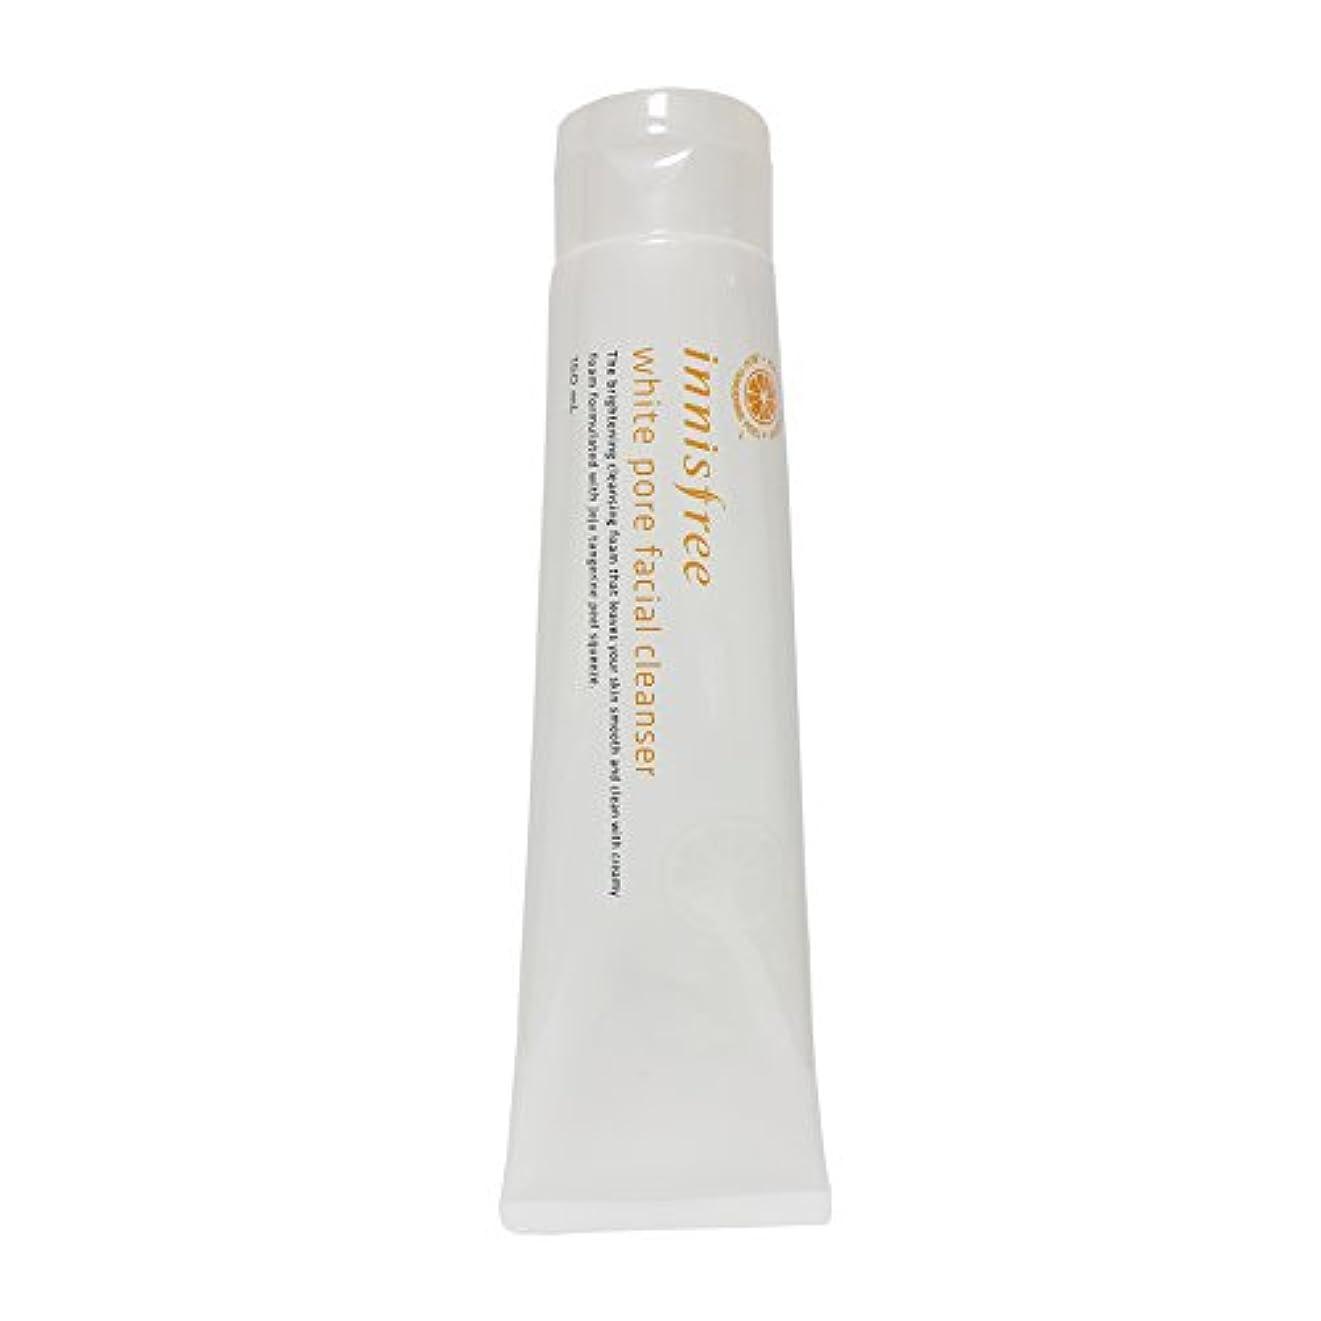 太い無力抑圧[イニスフリー] Innisfree ホワイト毛穴フェイシャルクレンザー (150ml) Innisfree White Pore Facial Cleanser(150ml) [海外直送品]